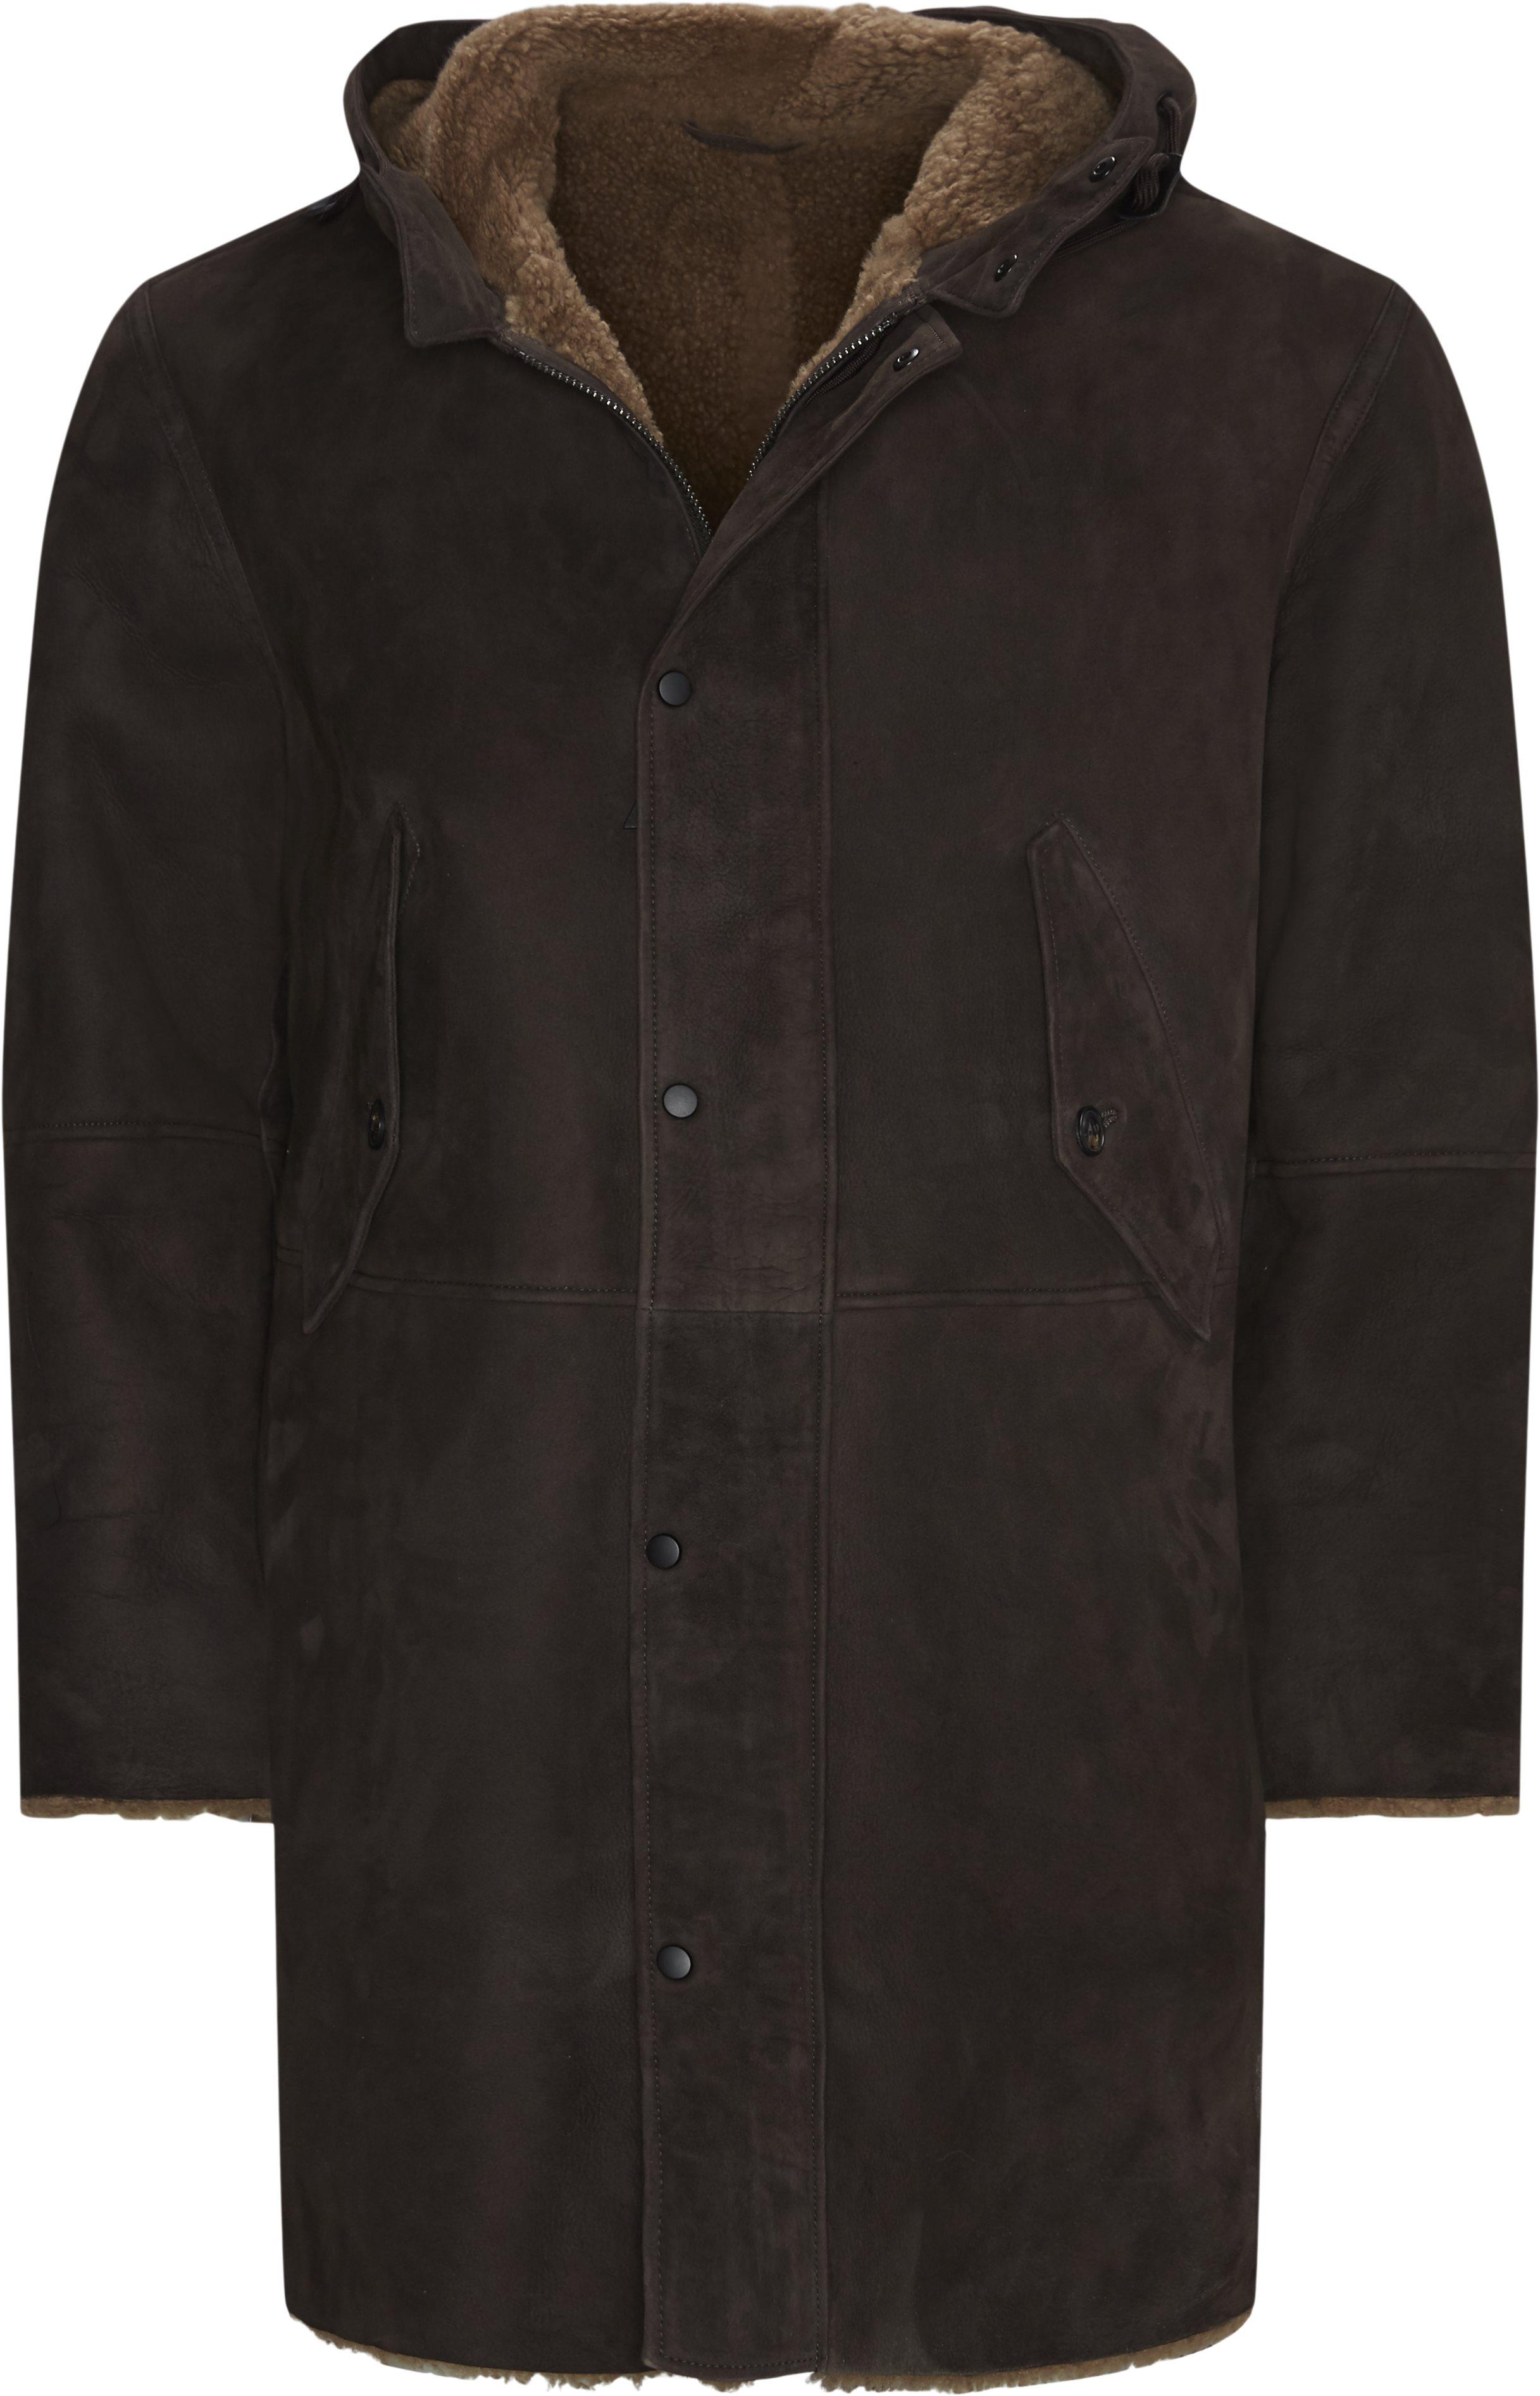 Jackets - Regular fit - Orange